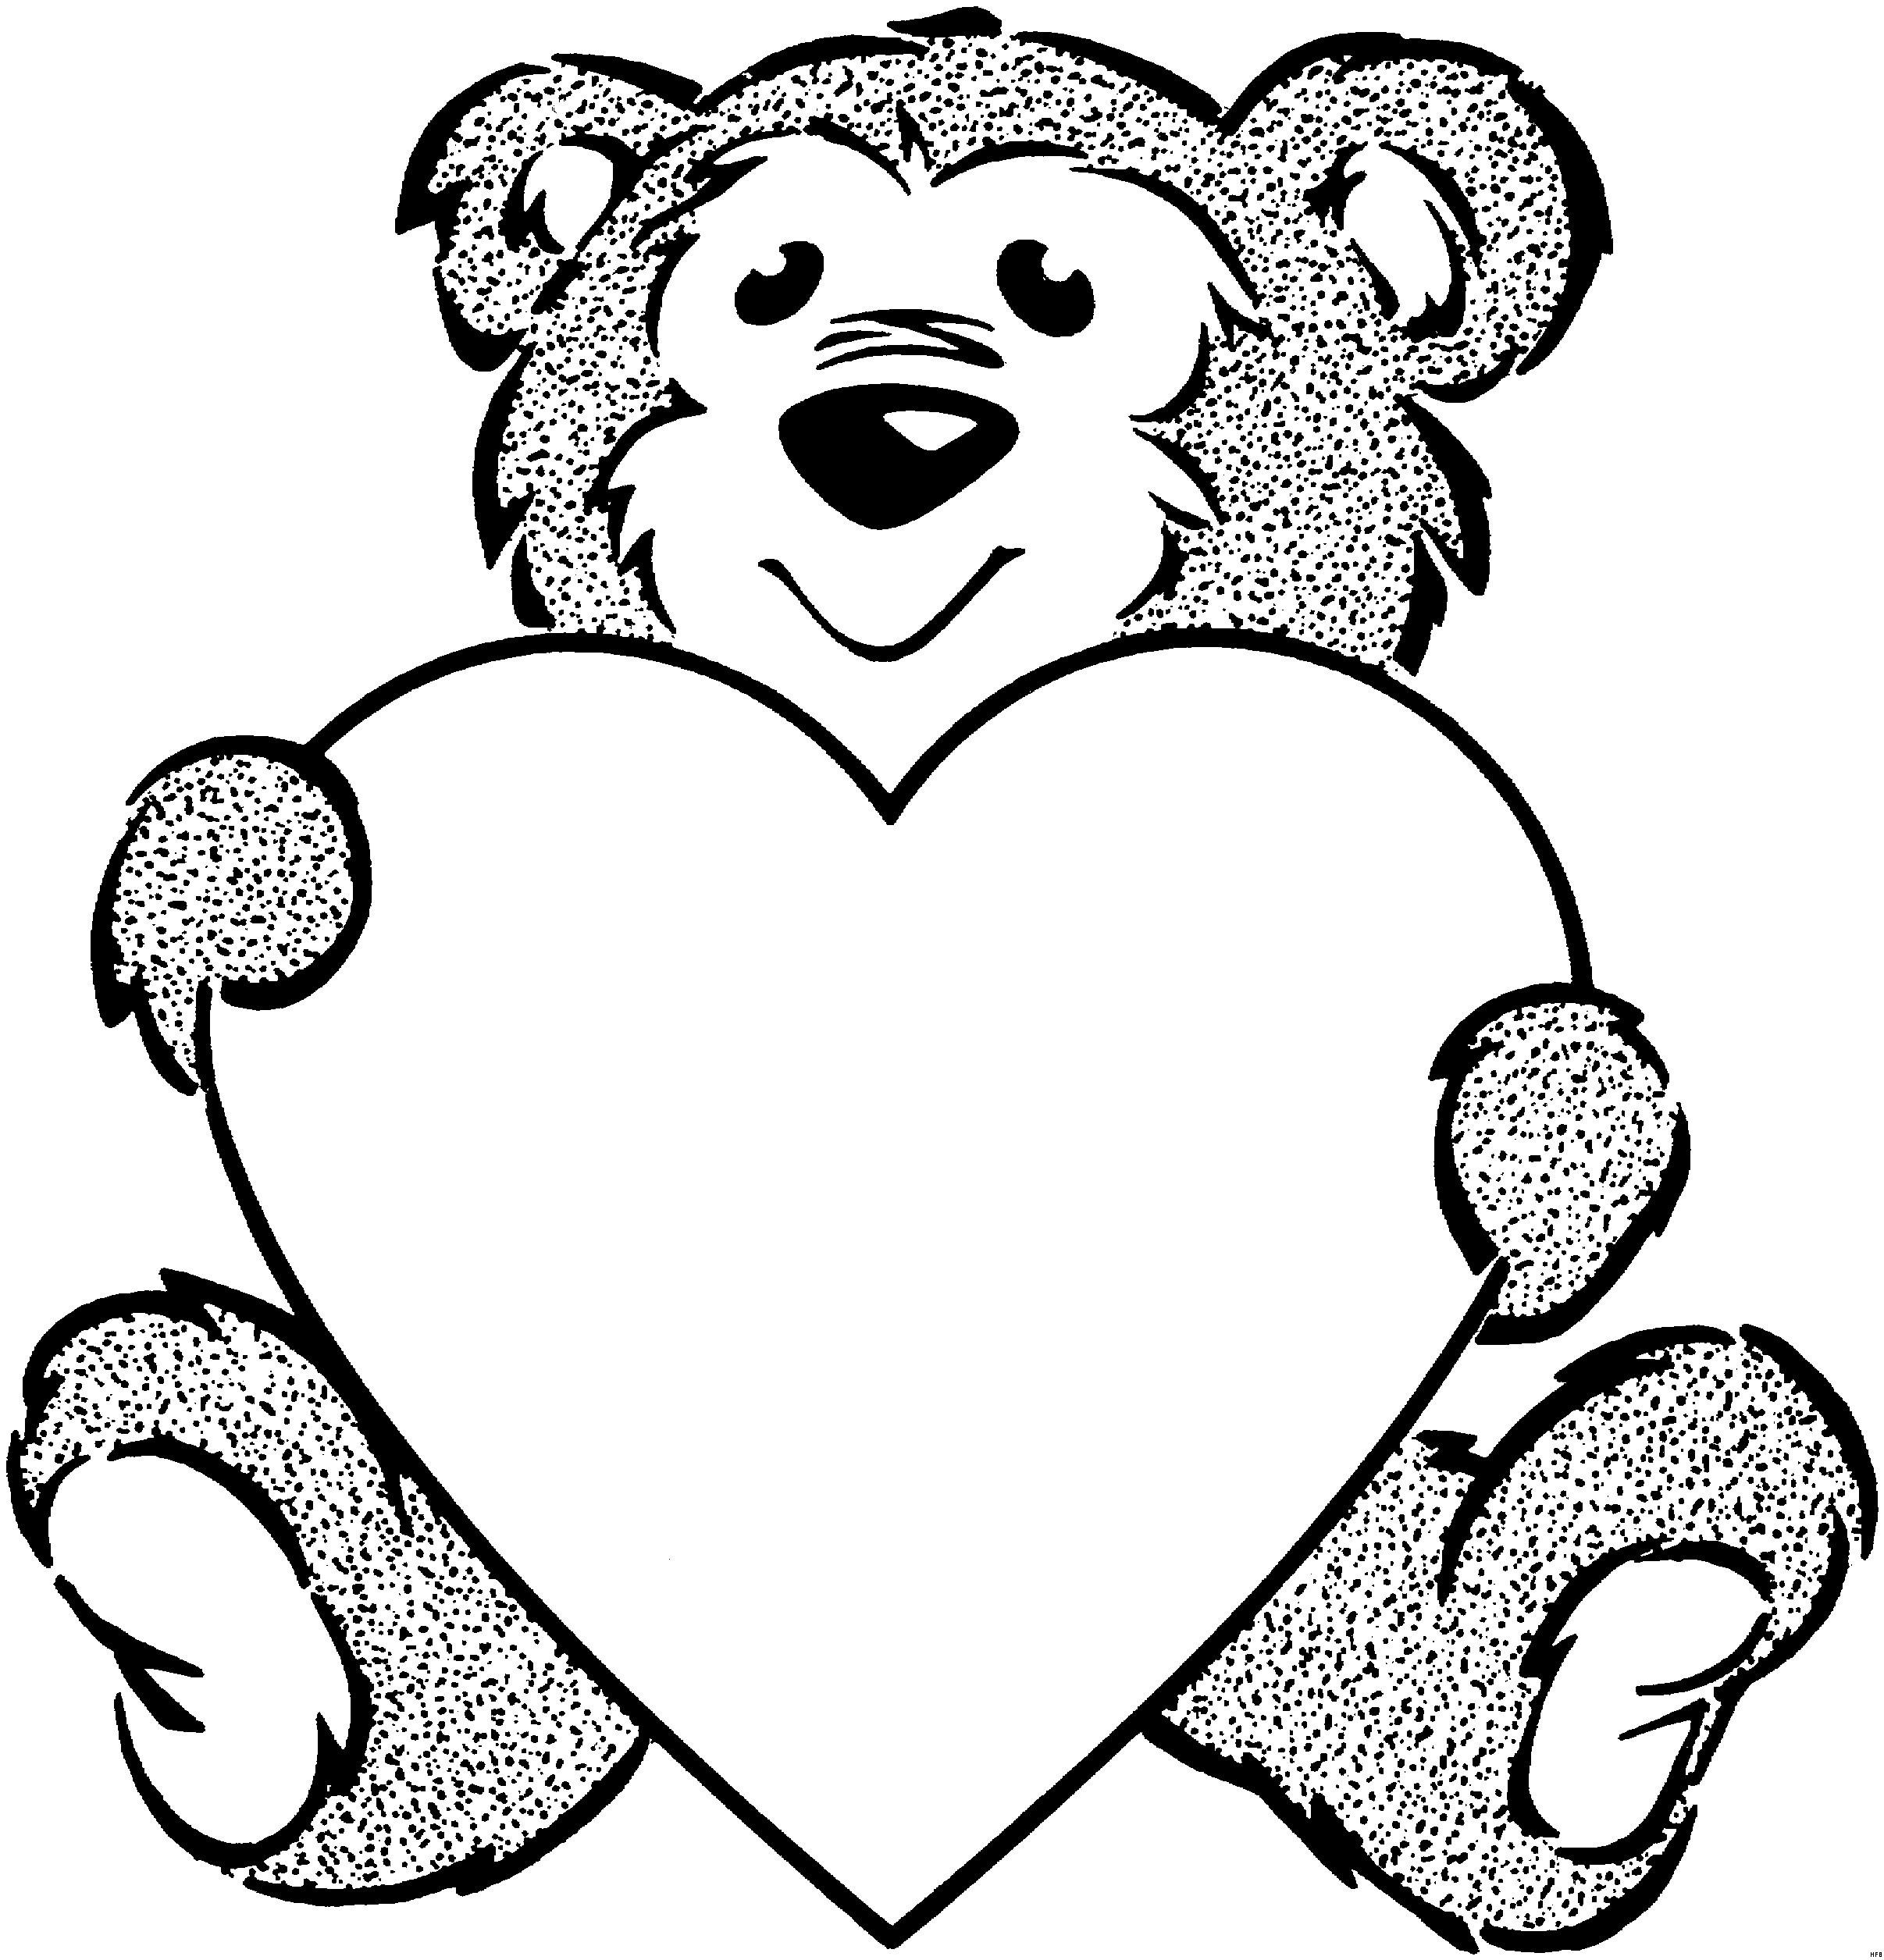 Ausmalbilder Weihnachten Teddy Das Beste Von Malvorlagen Ausmalbilder Janosch Stock